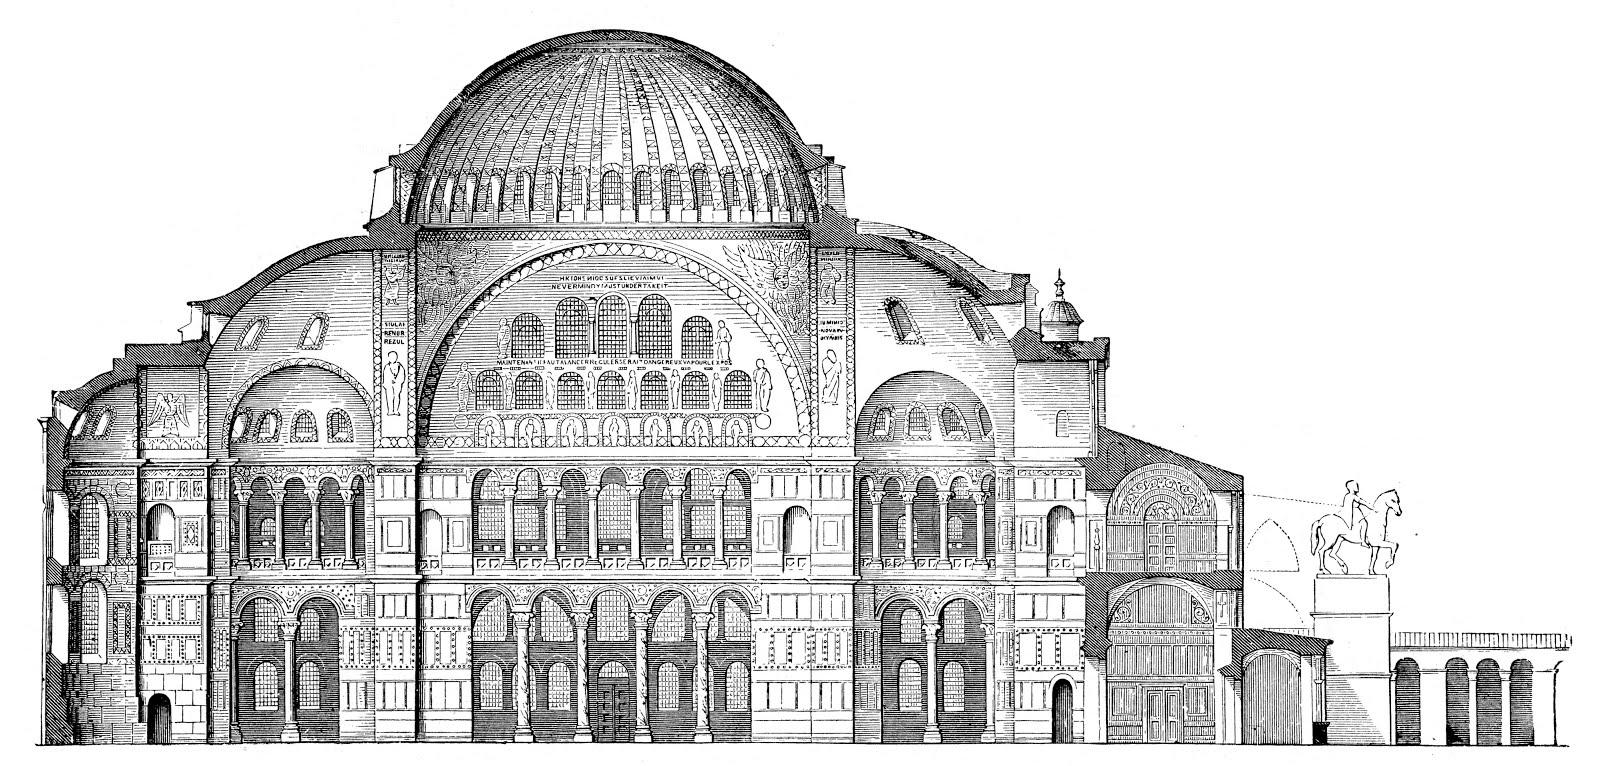 Constantinoupolin Blog